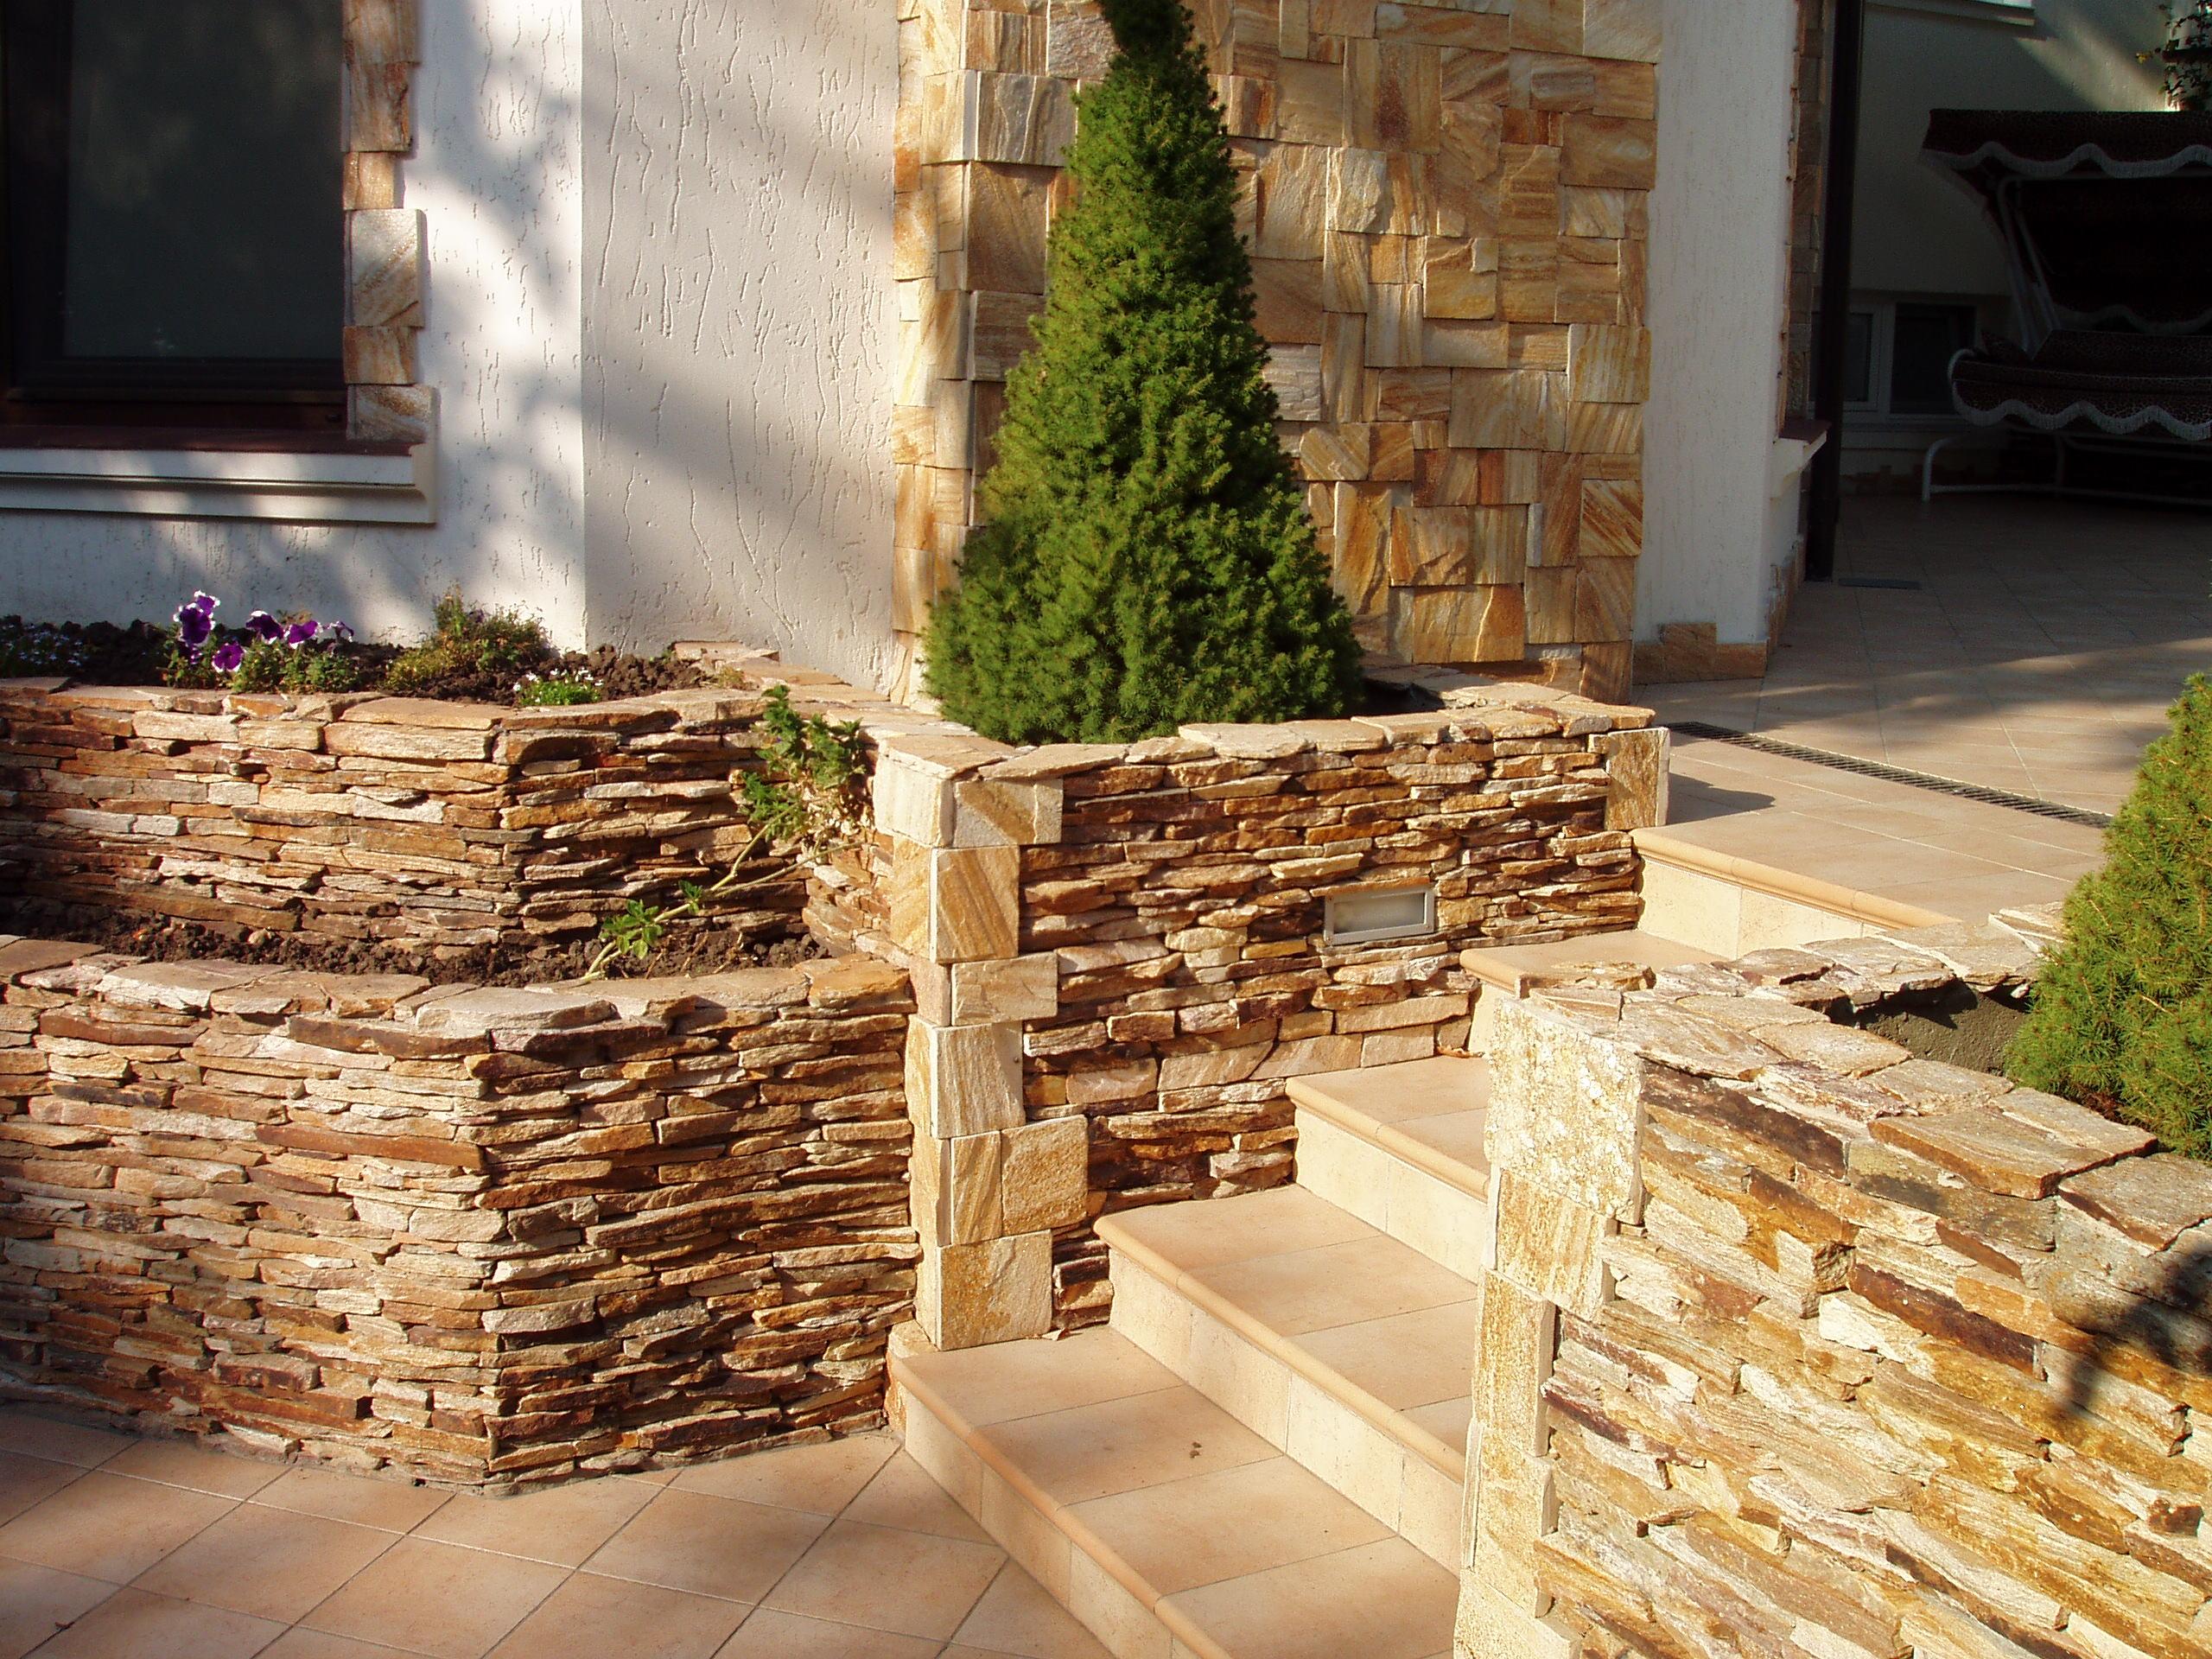 http://sam-sebe-dizainer.com/public/images/Природный камень в интерьере